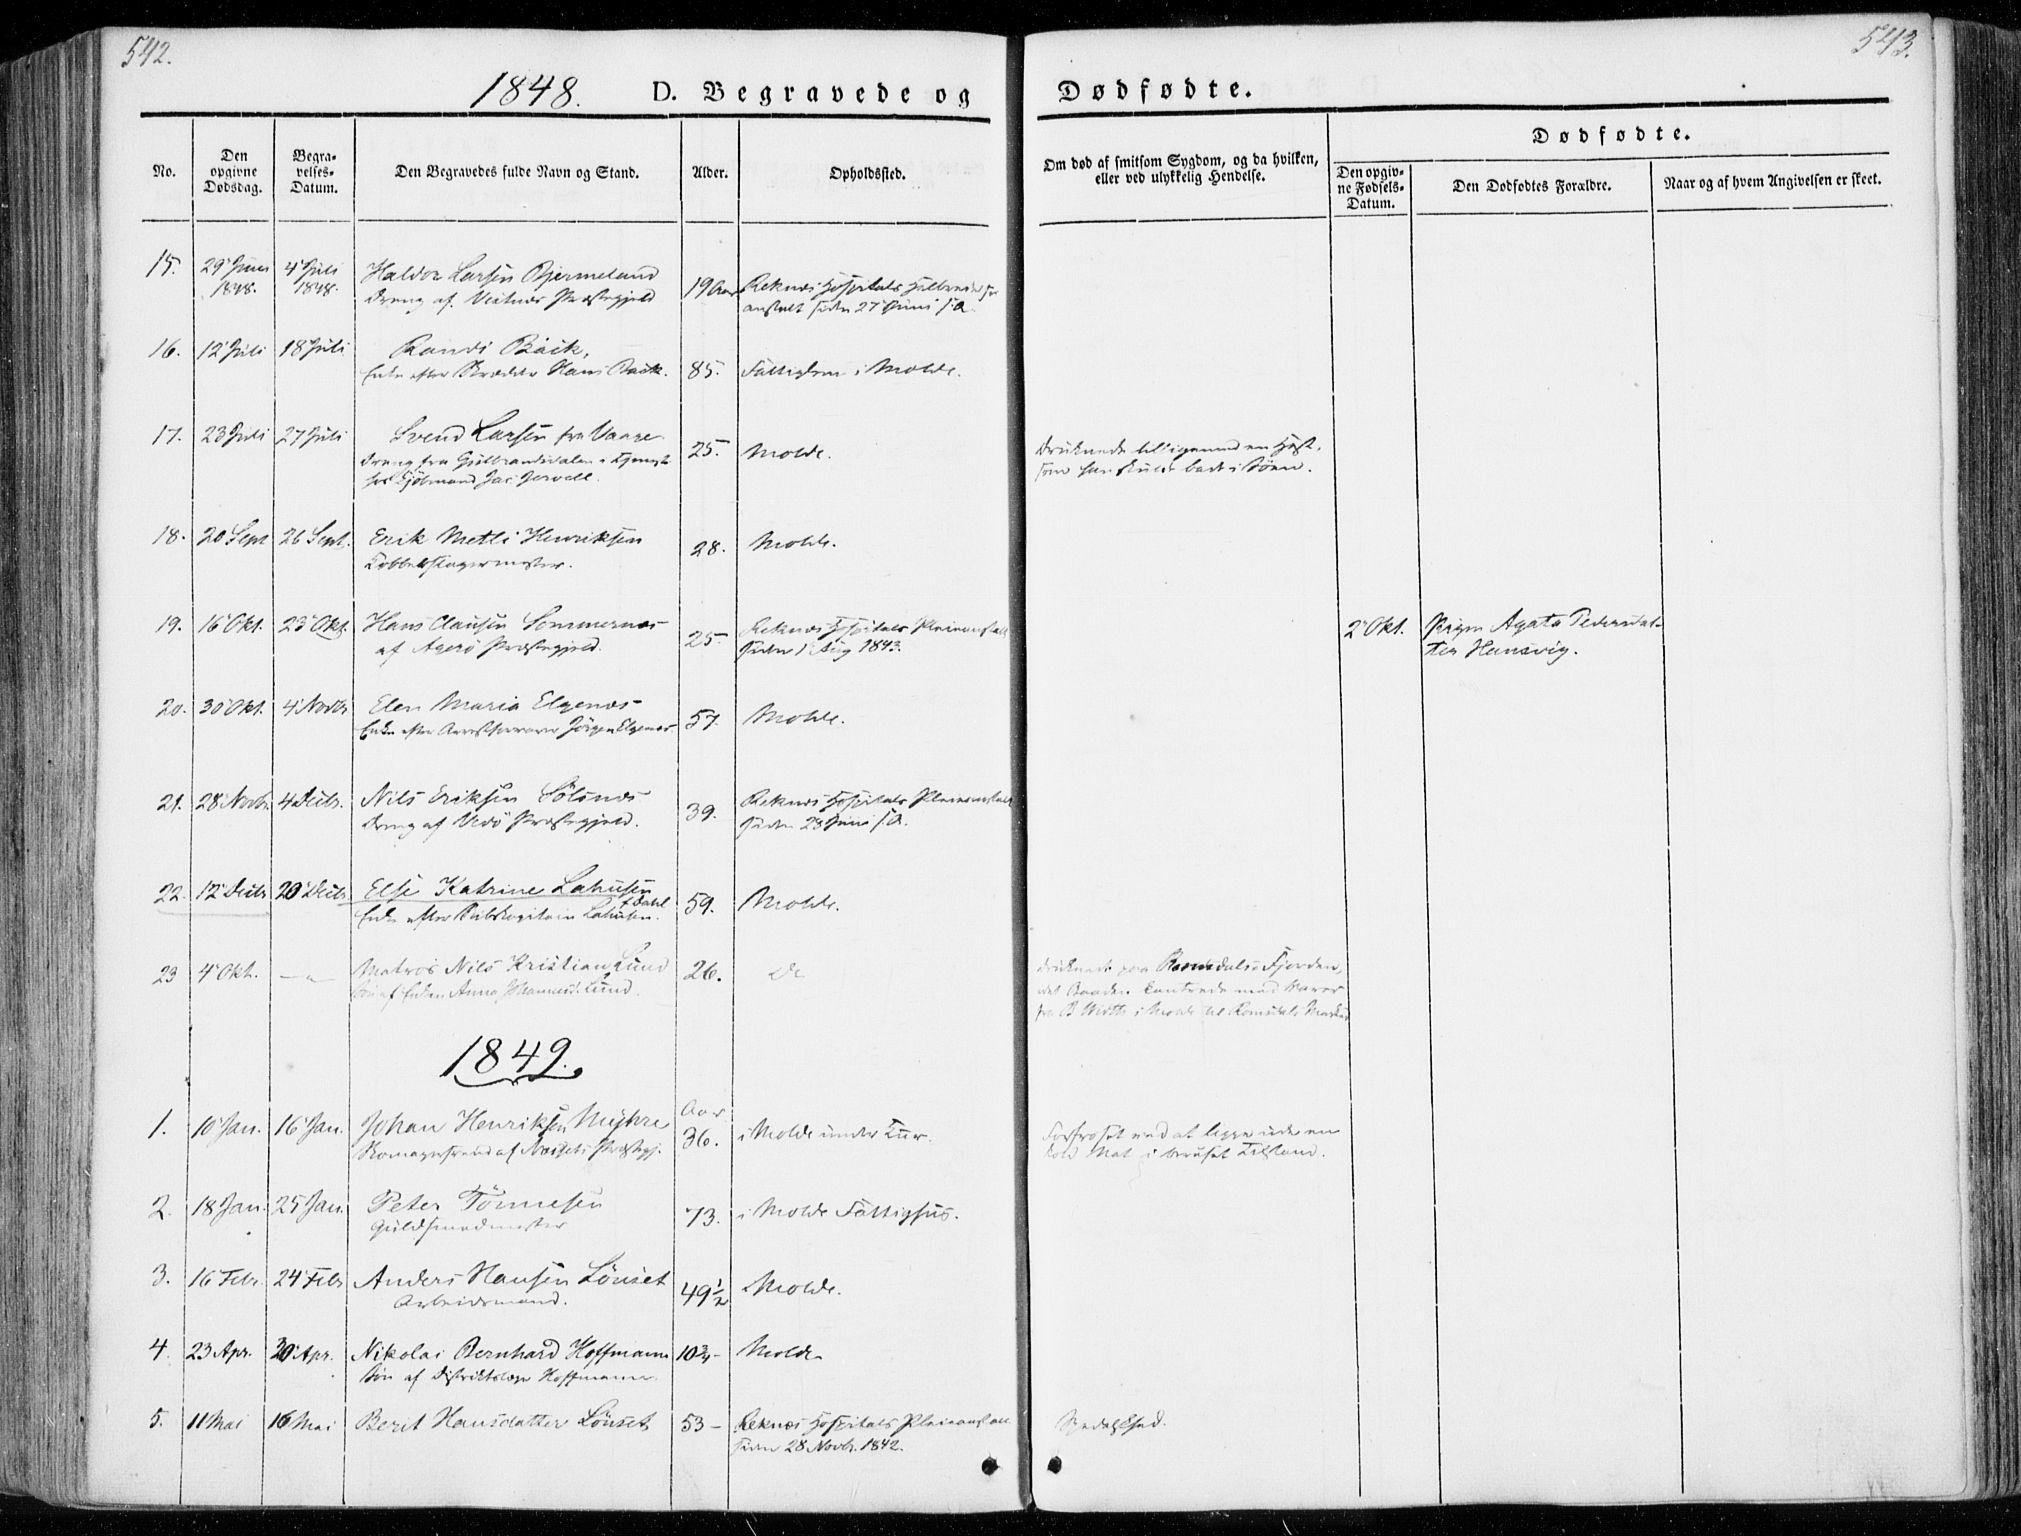 SAT, Ministerialprotokoller, klokkerbøker og fødselsregistre - Møre og Romsdal, 558/L0689: Ministerialbok nr. 558A03, 1843-1872, s. 542-543